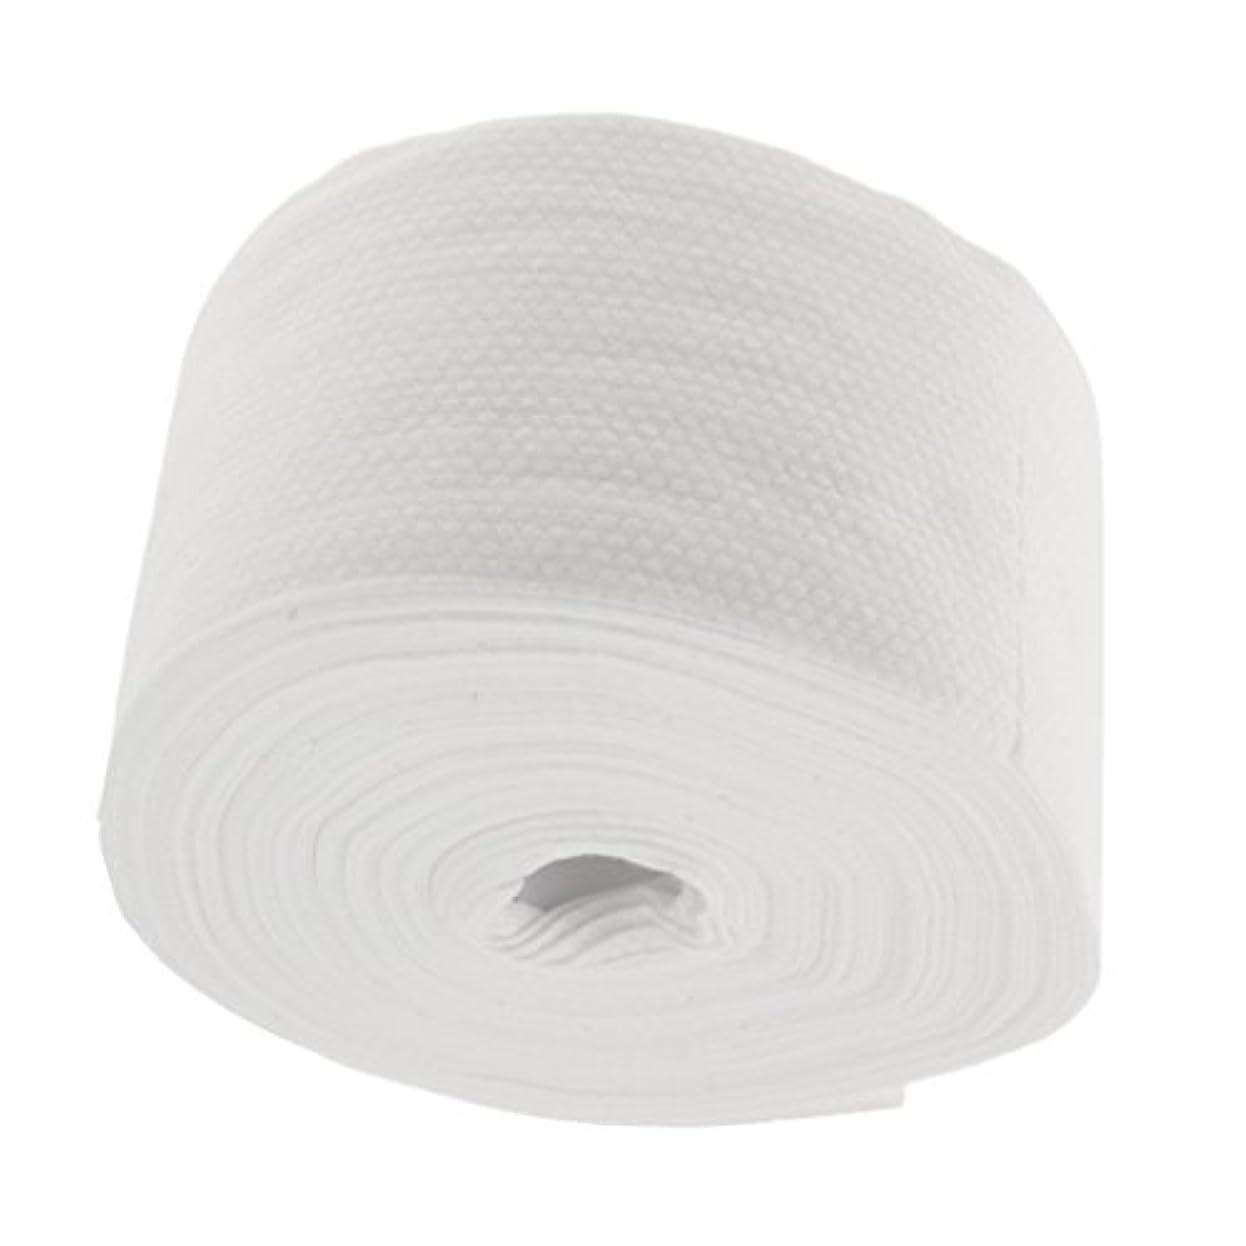 置き場暗殺者パズルSharplace ロール式 使い捨て 洗顔タオル 使い捨てタオル 30M コットン 繊維 メイクリムーバー 快適 - #2